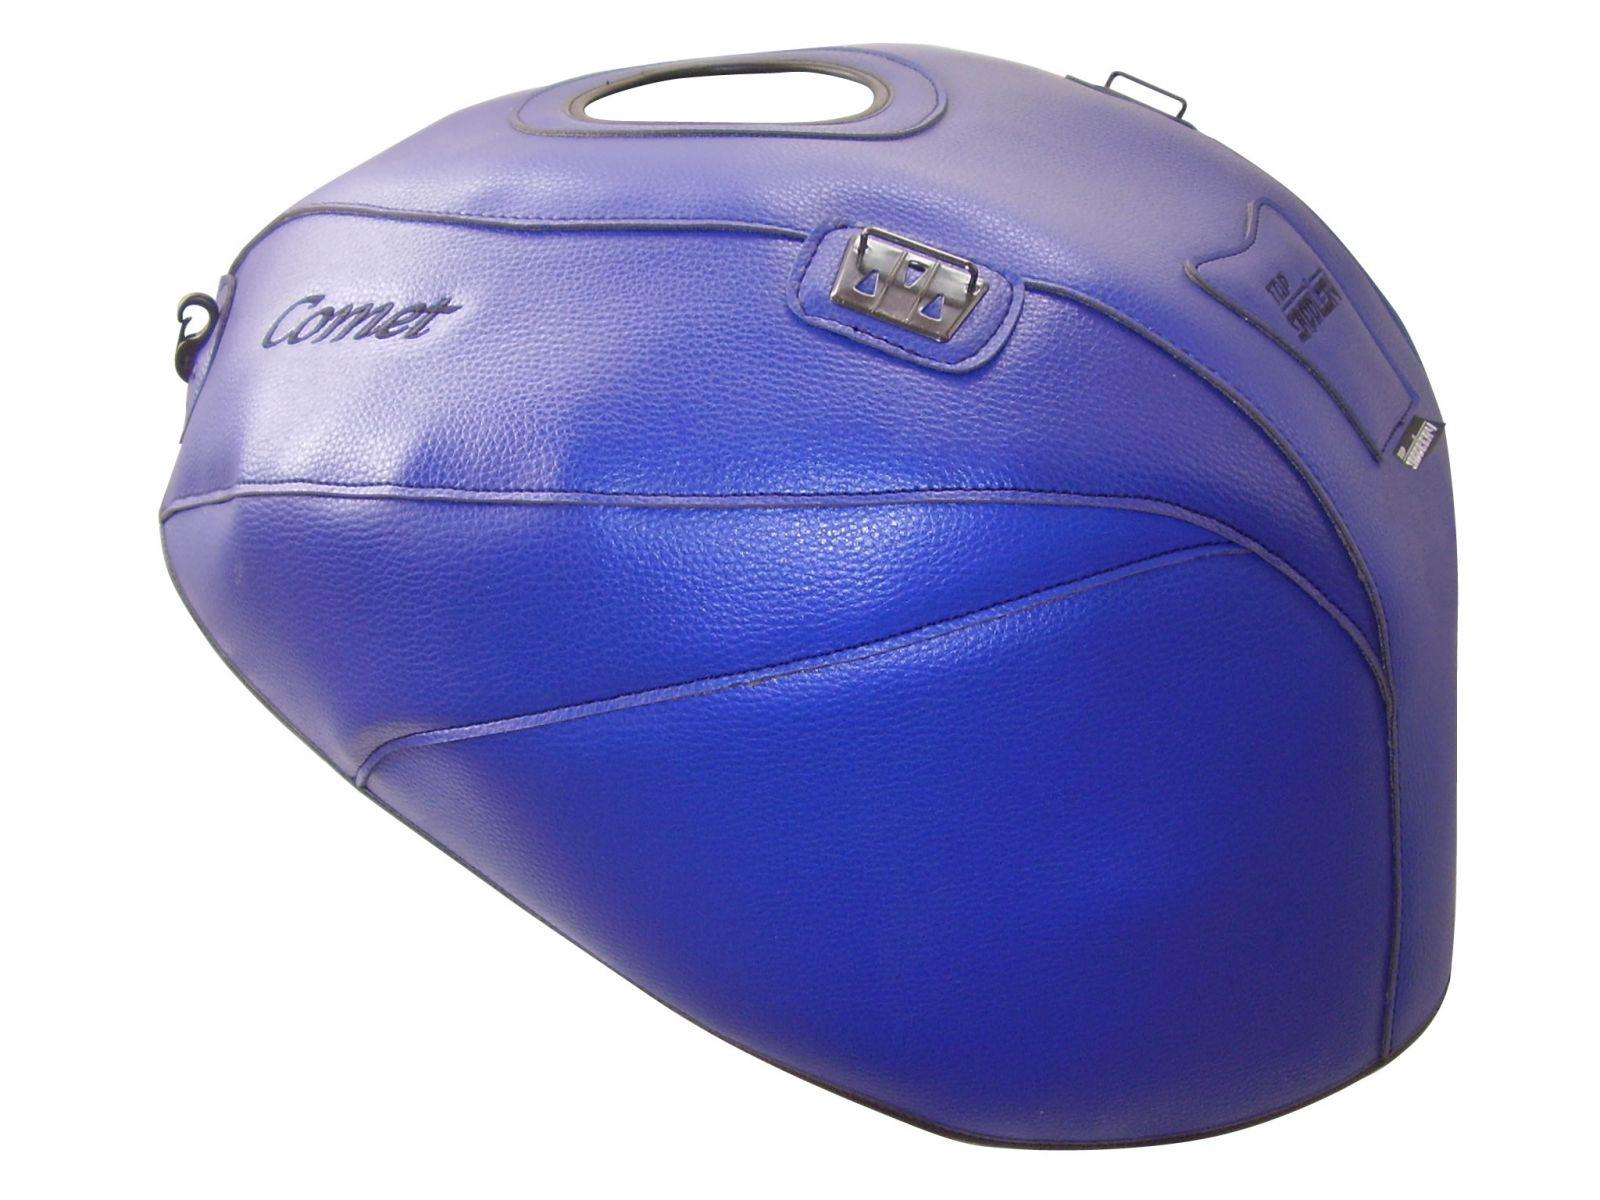 Capa de depósito TPR3378 - HYOSUNG COMET 600 [2003-2008]